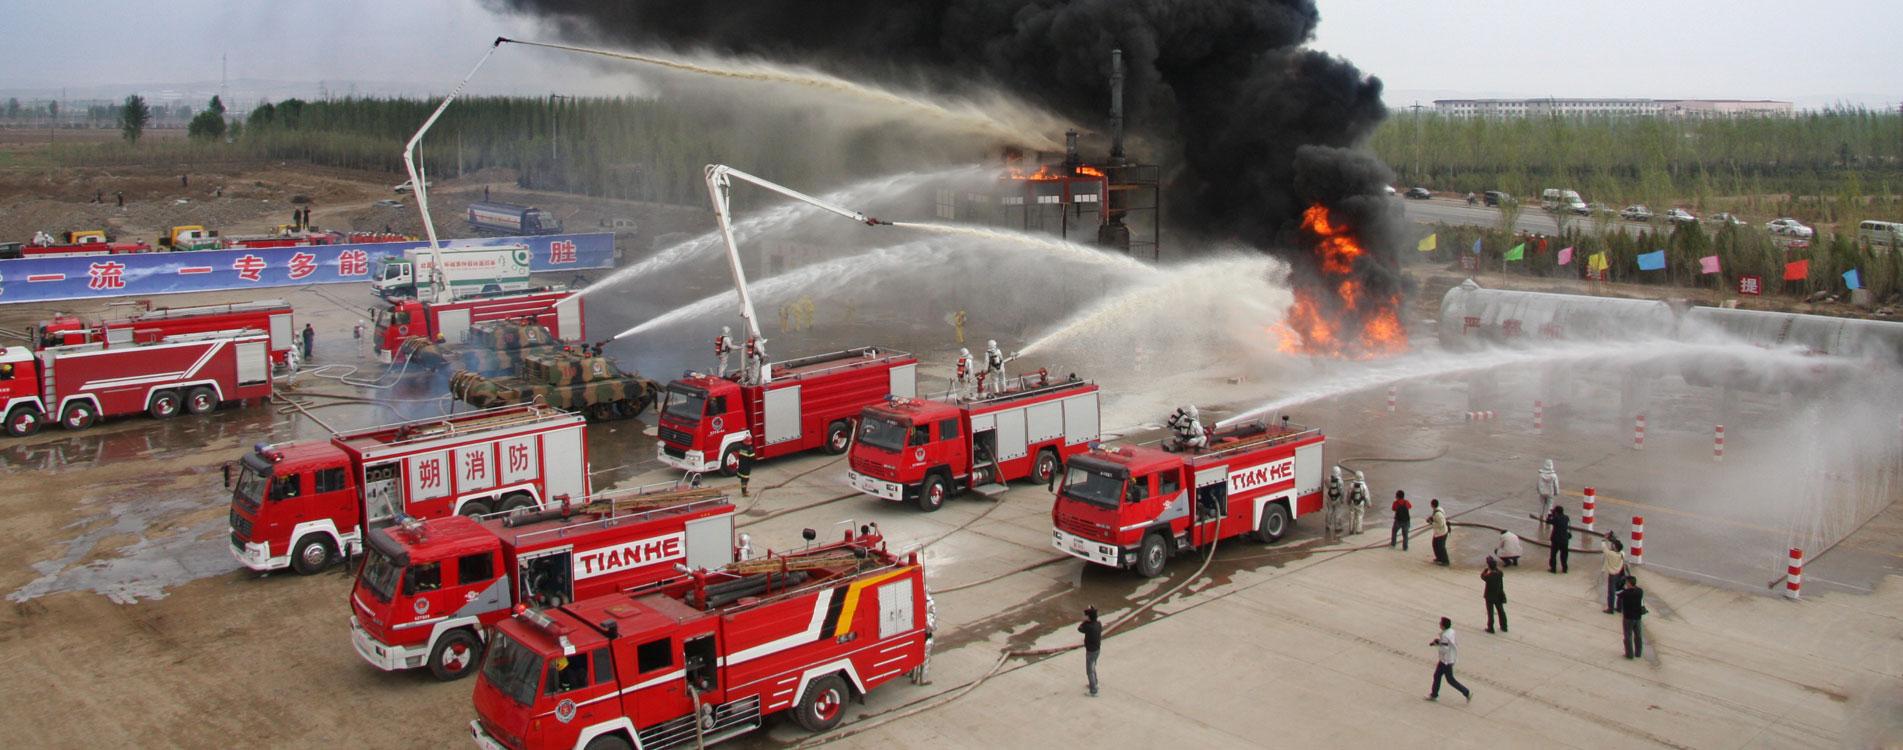 上海帅昂消防器材有限公司_上海联路消防设备有限公司